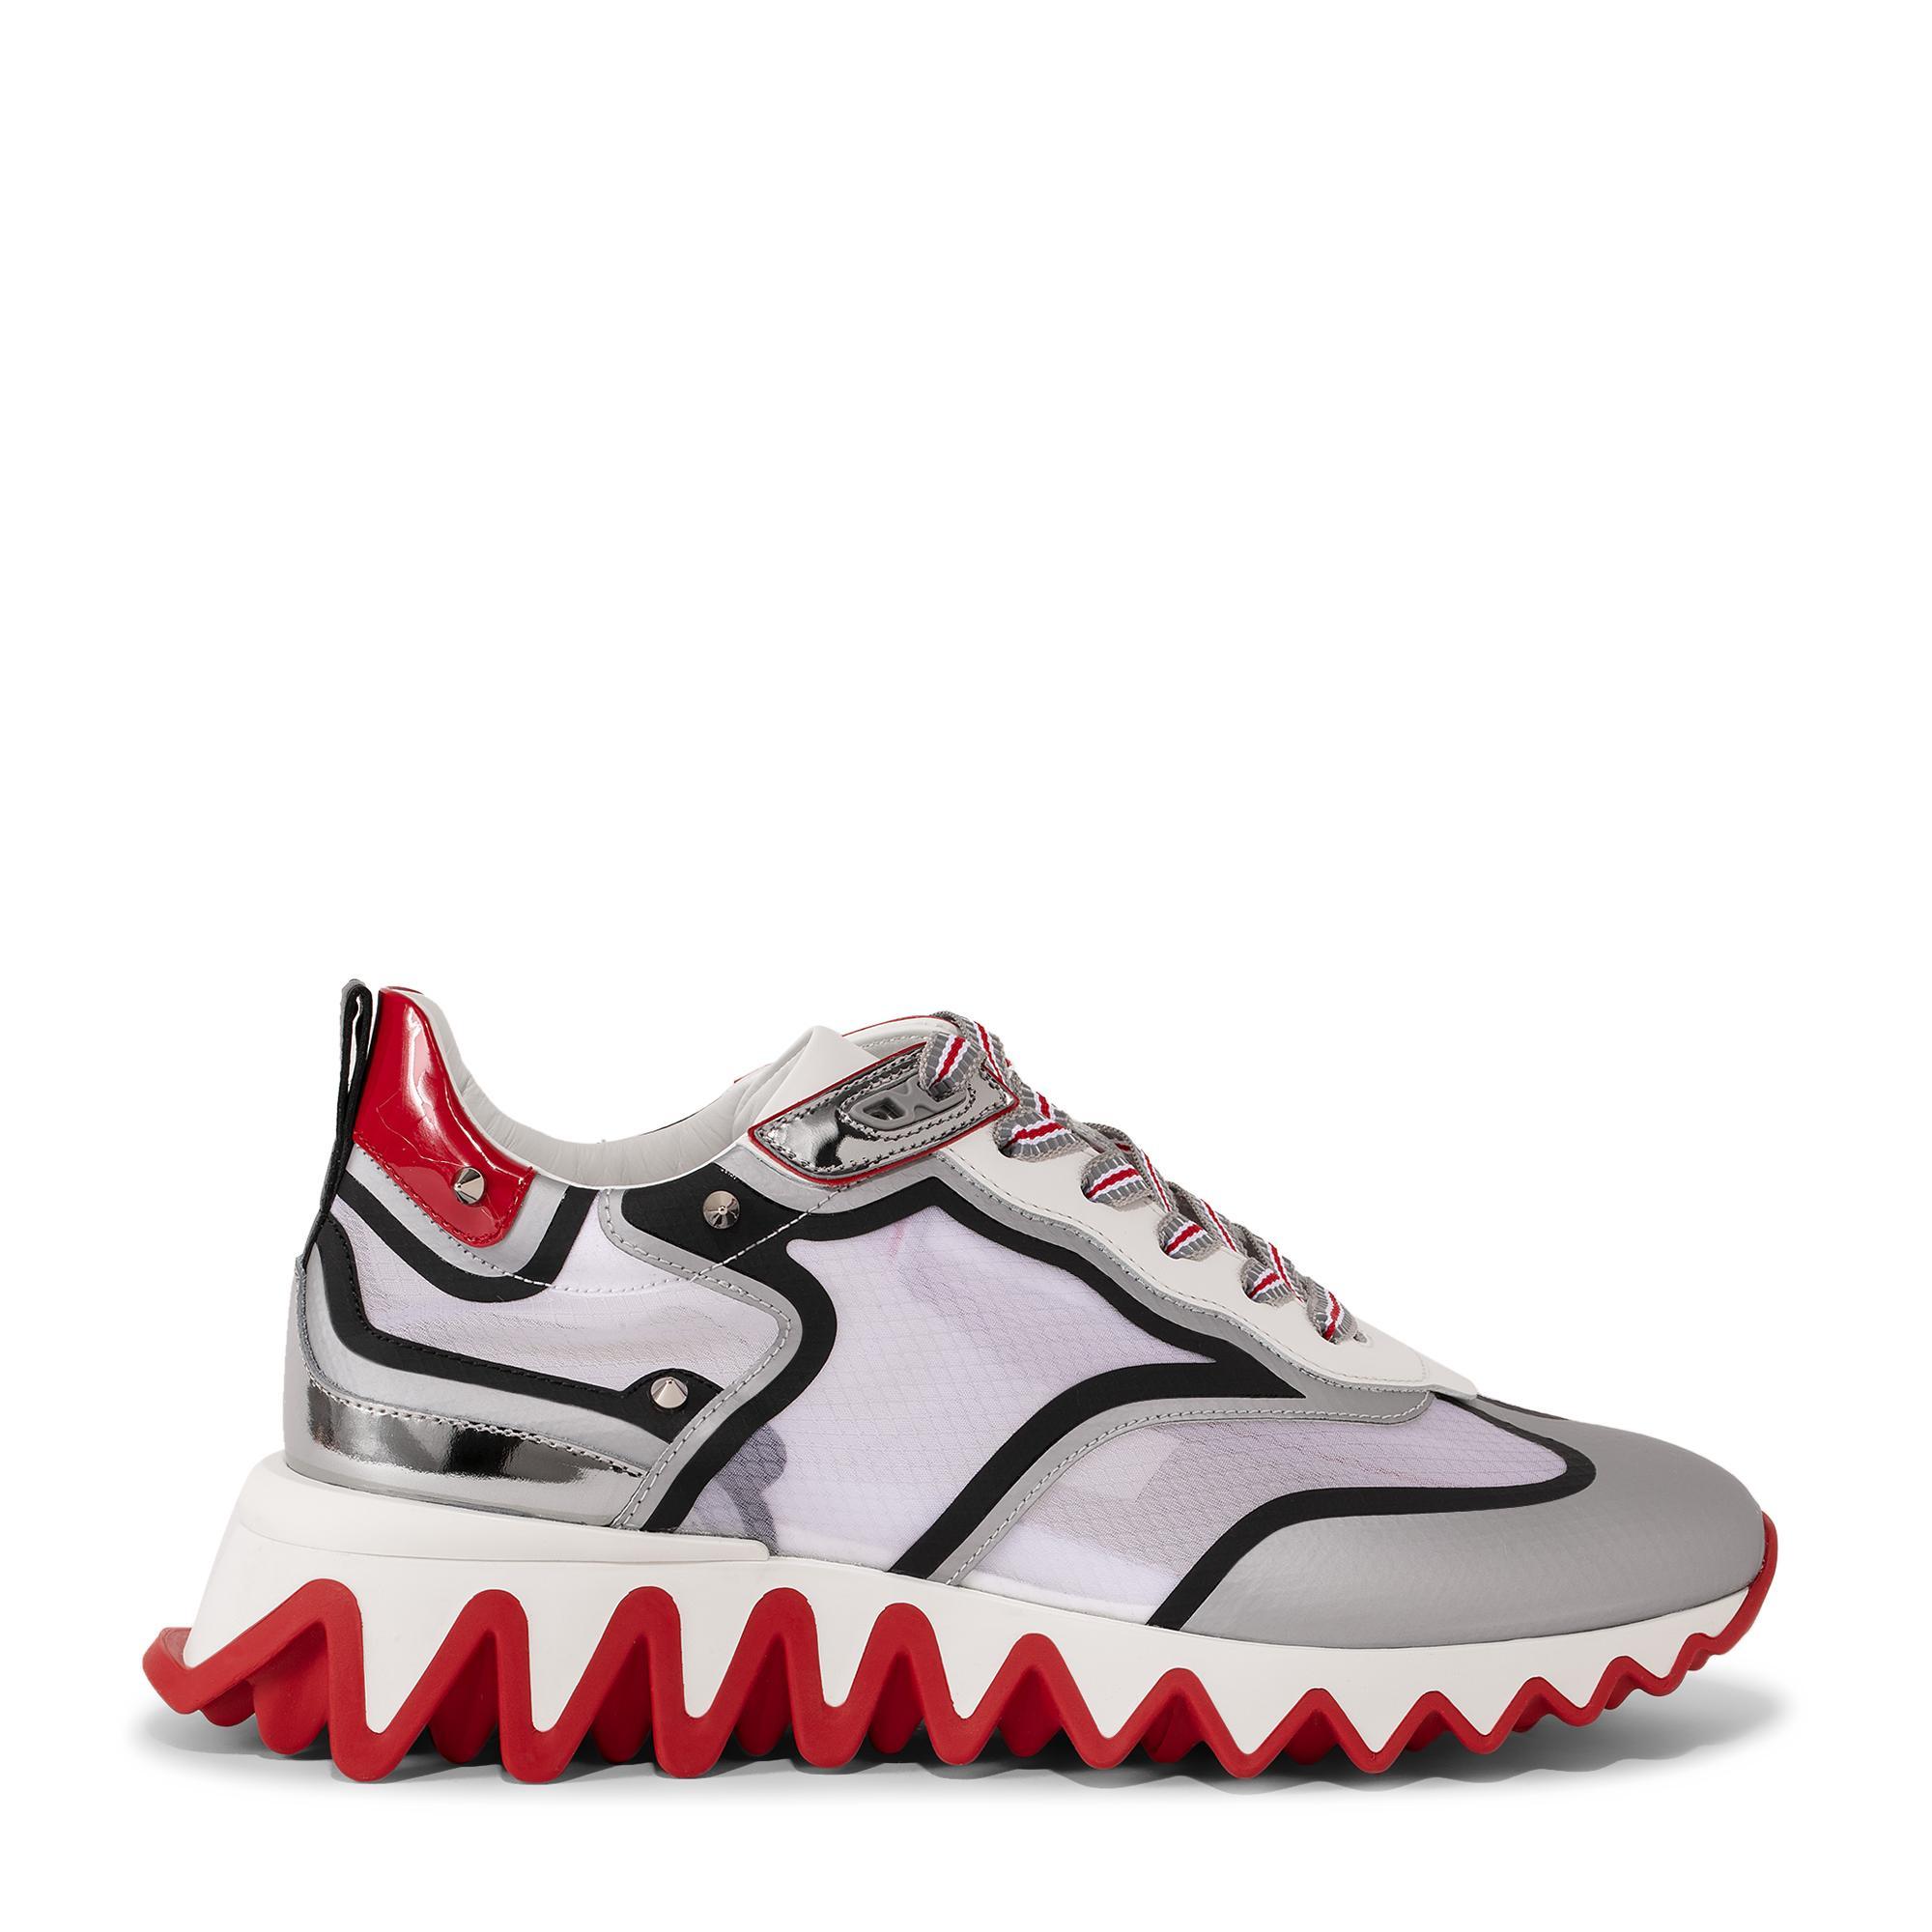 Sharkina sneakers